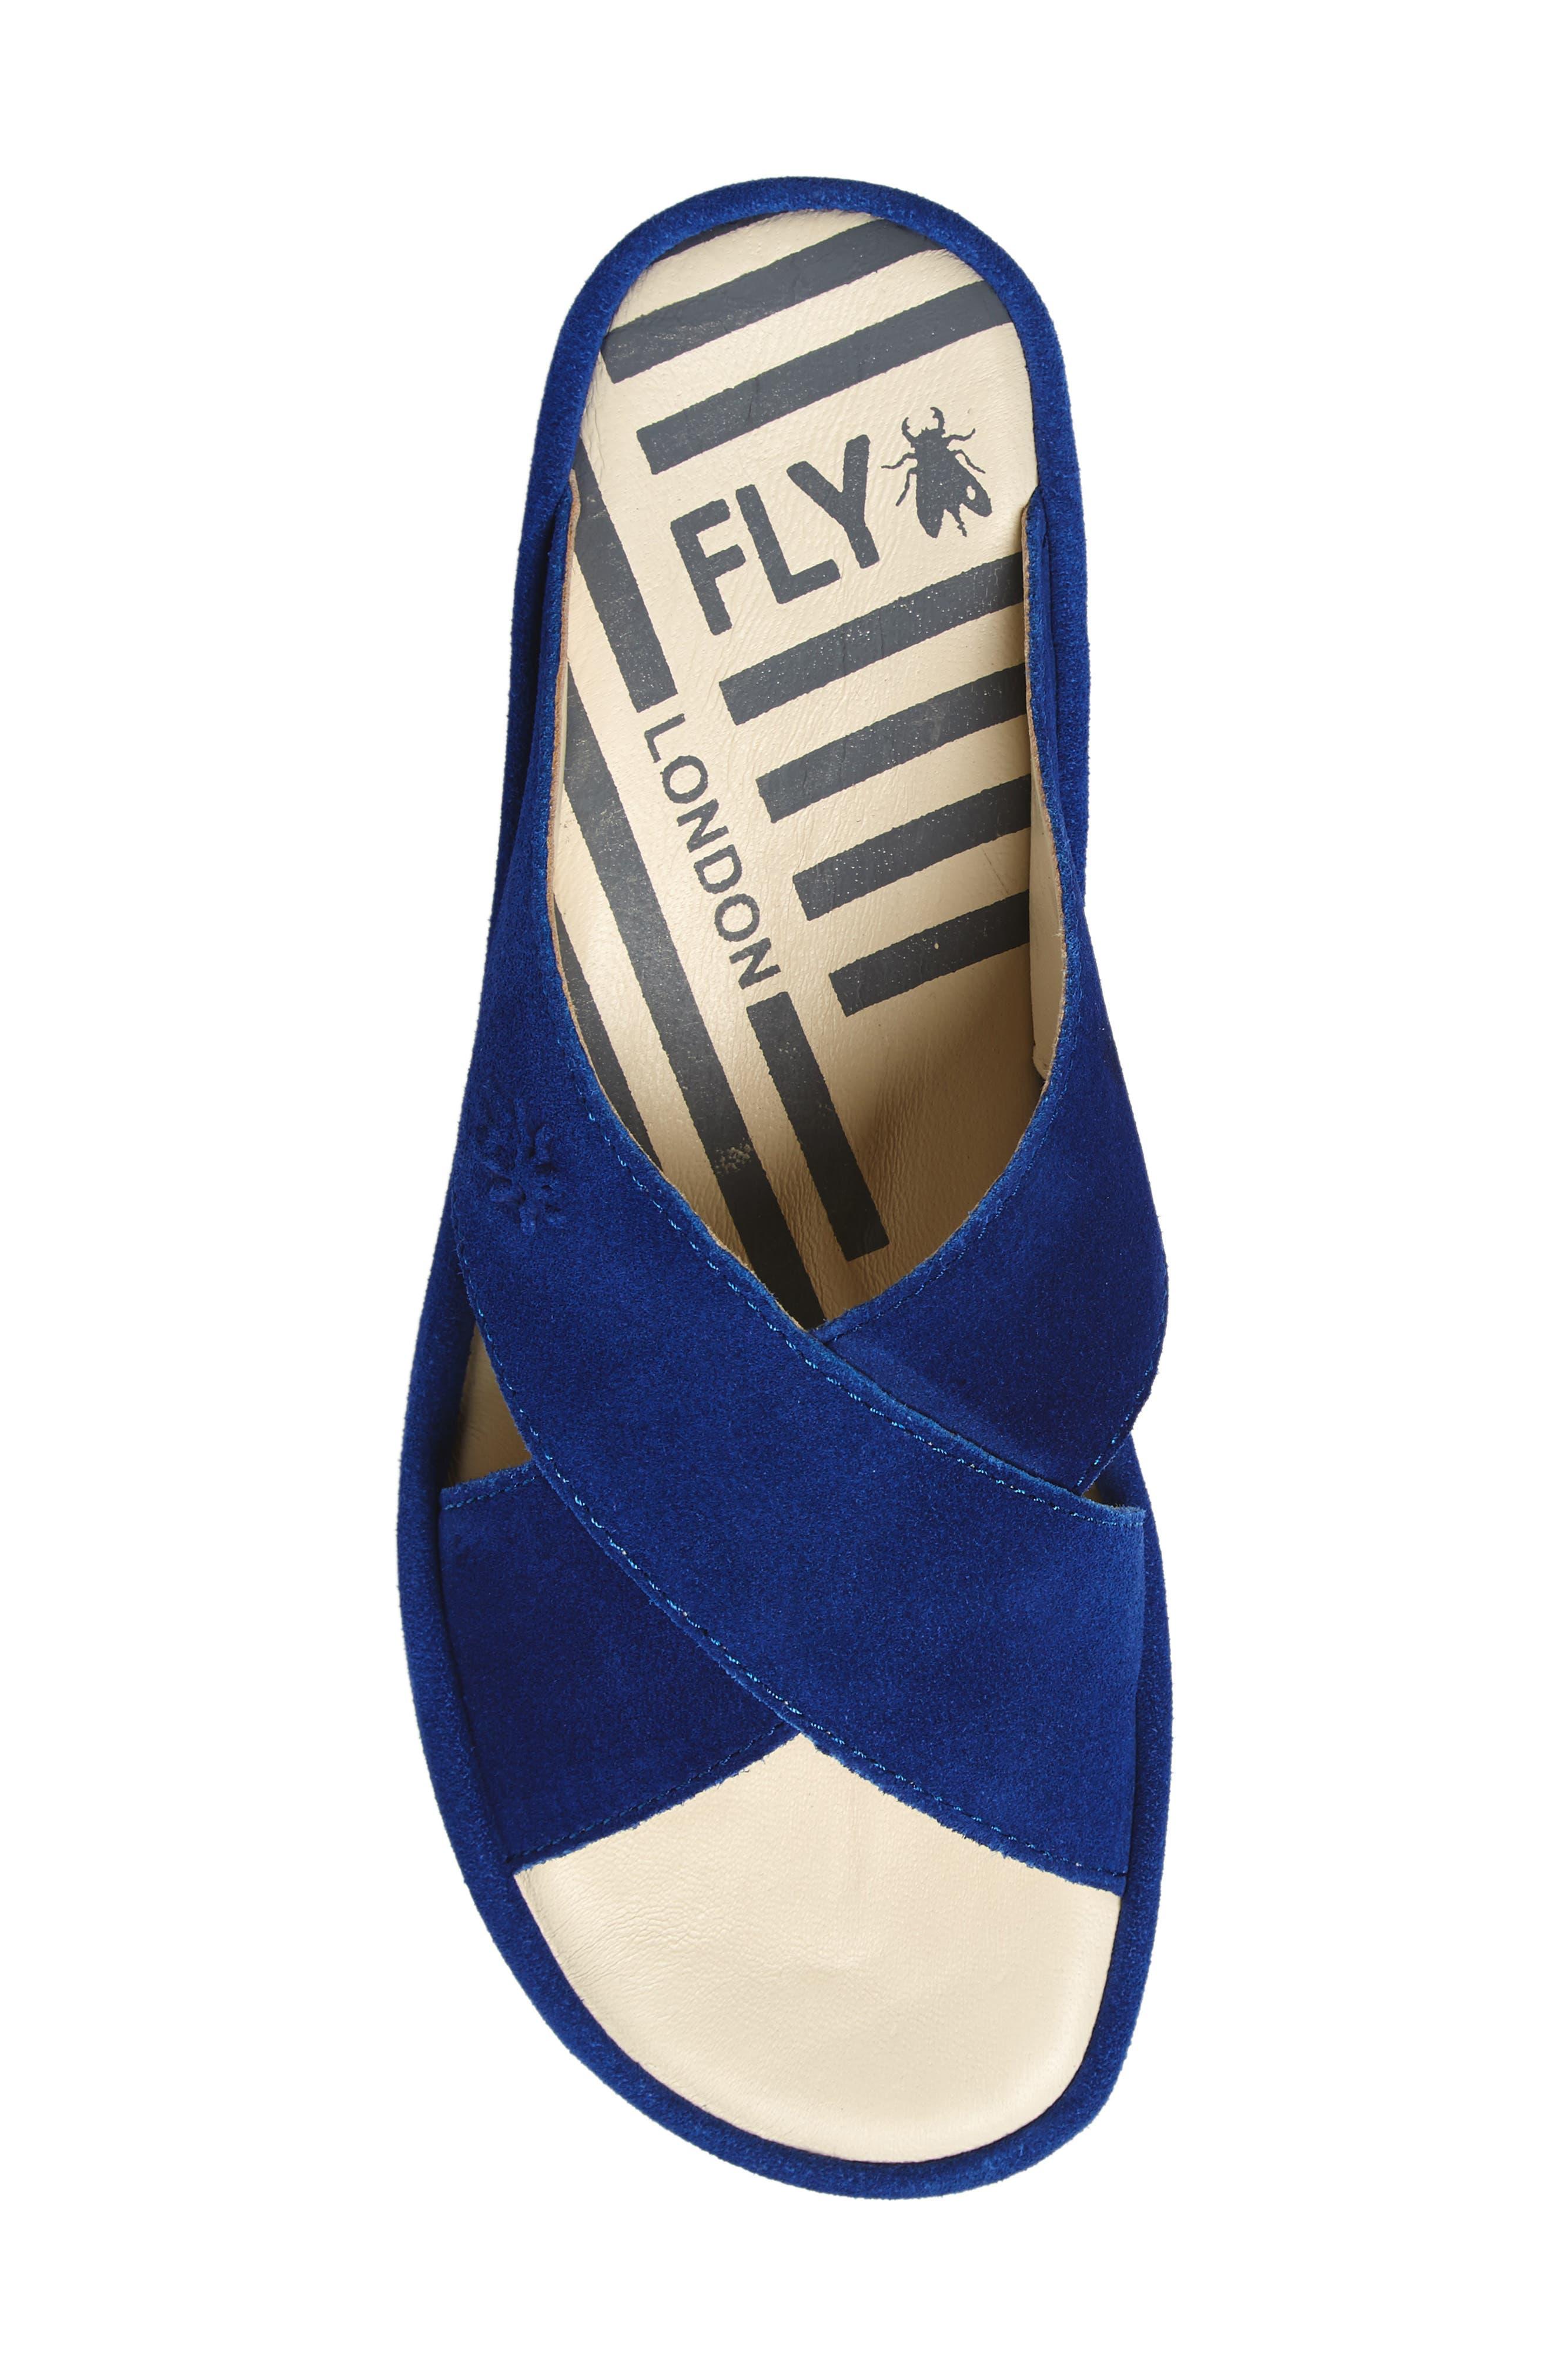 FLY LONDON, Begs Platform Slide Sandal, Alternate thumbnail 5, color, BLUE SUEDE